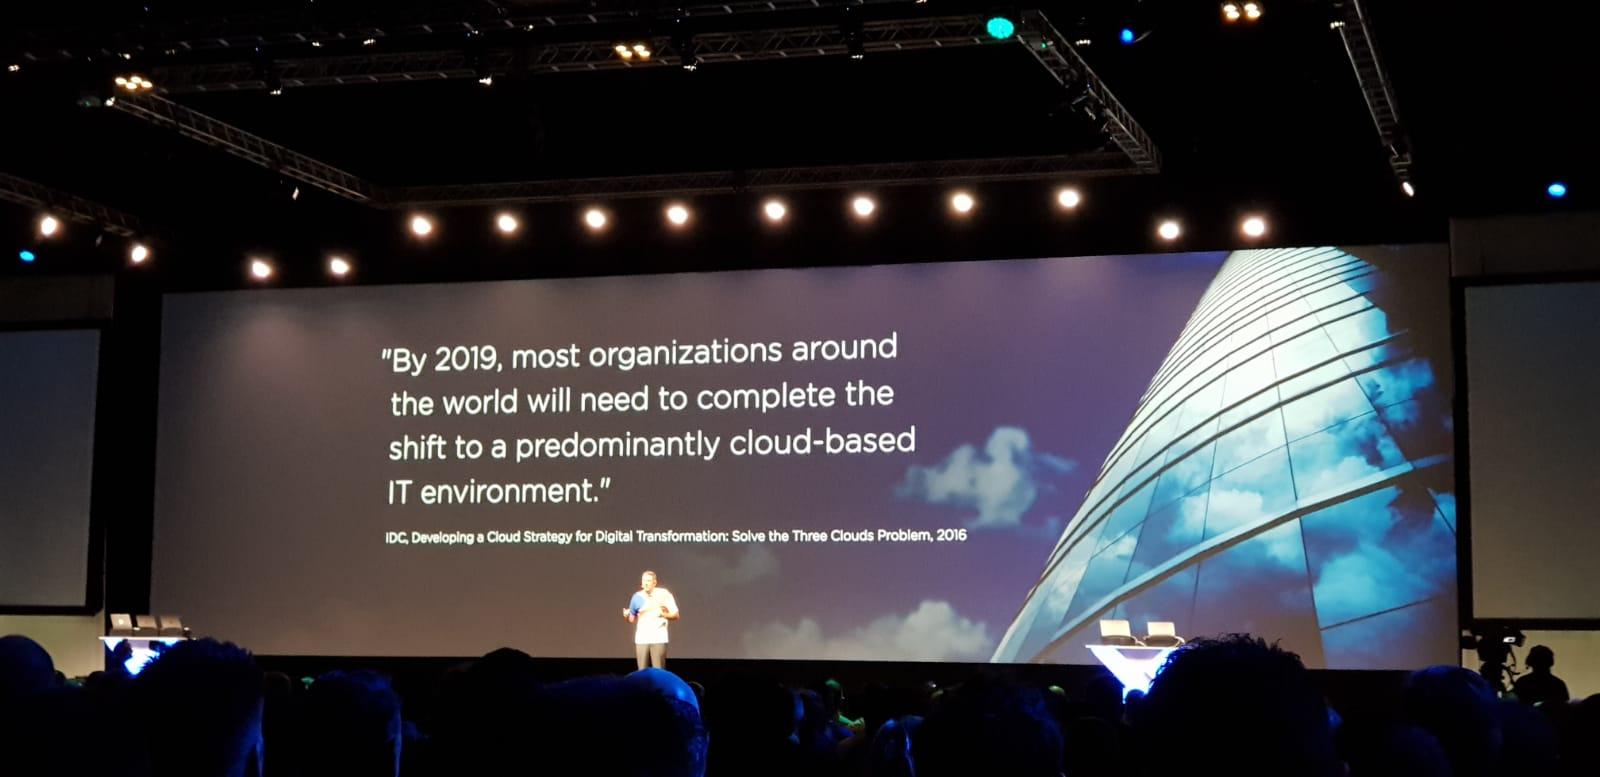 Nutanix e il cloud ibrido: gli strumenti per le aziende che vogliono crescere